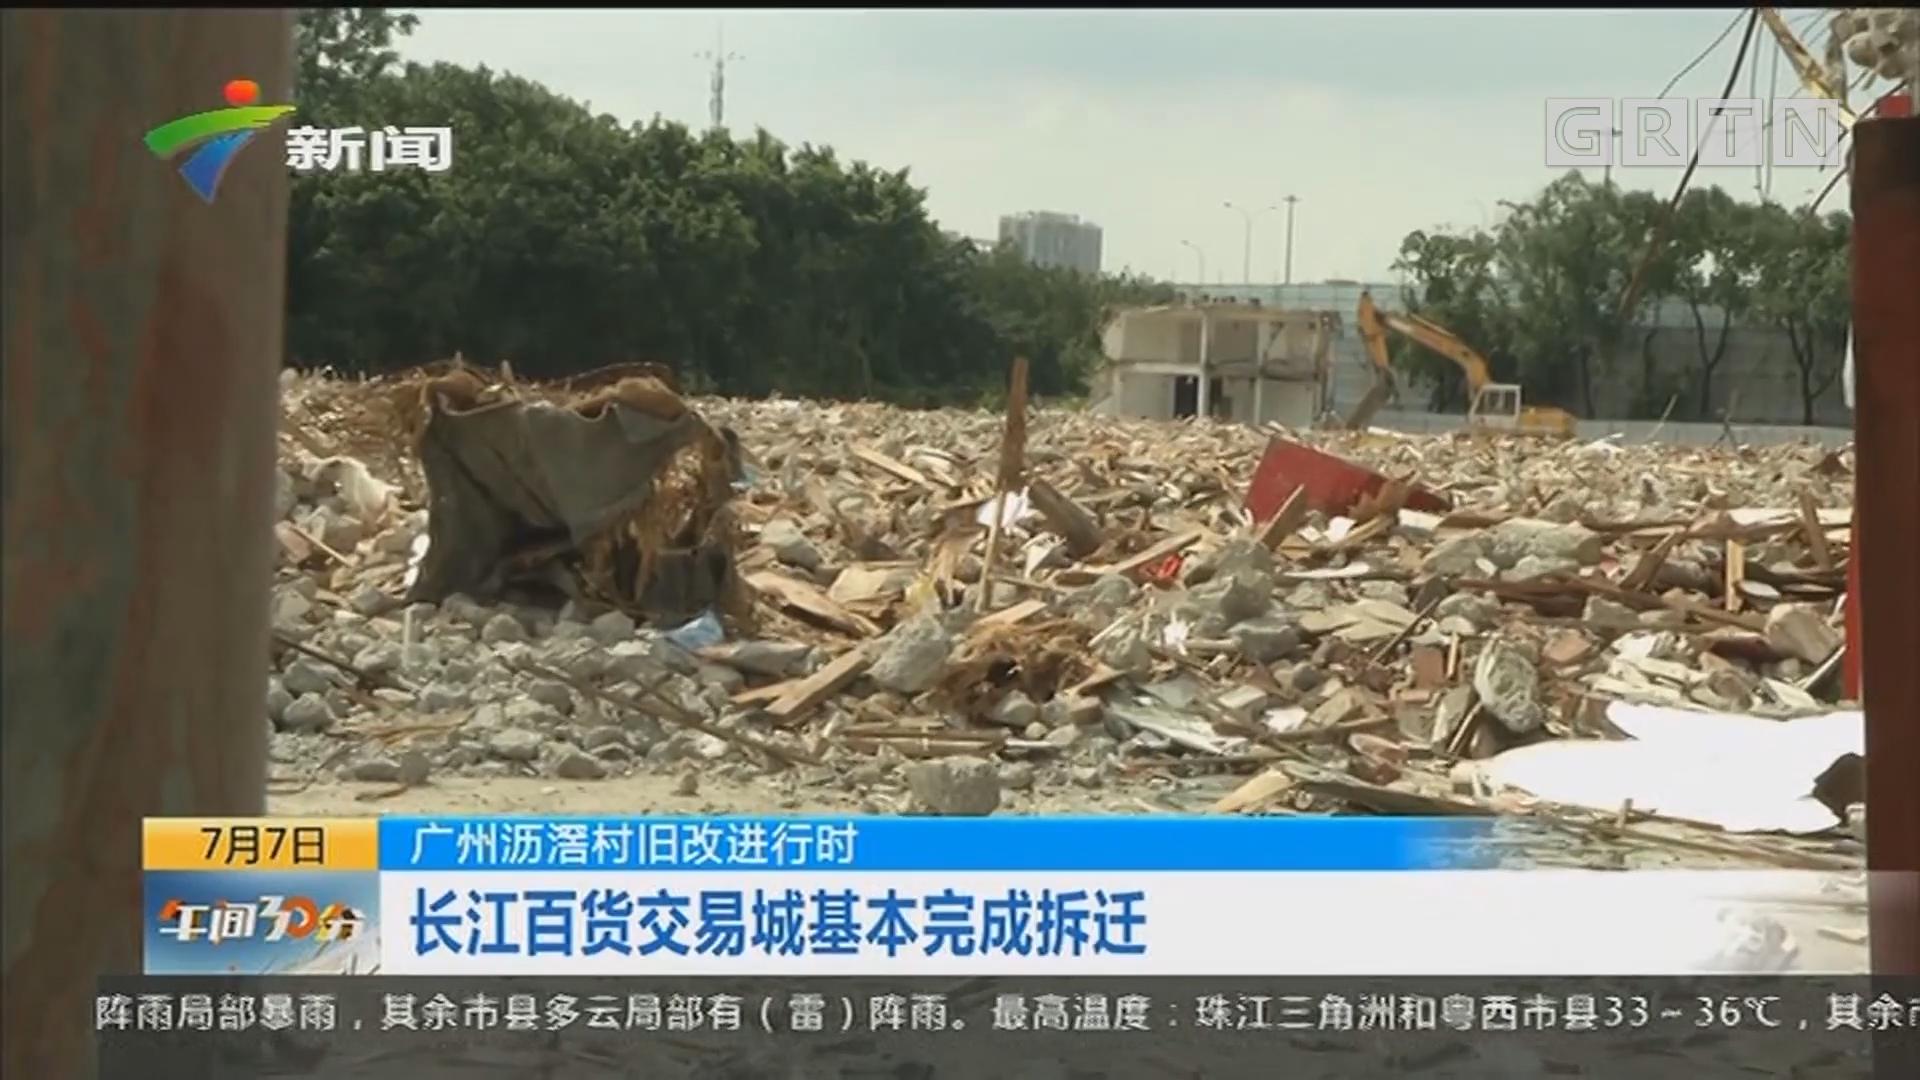 广州礼教村旧改进行时 长江百货交易城基本完成拆迁